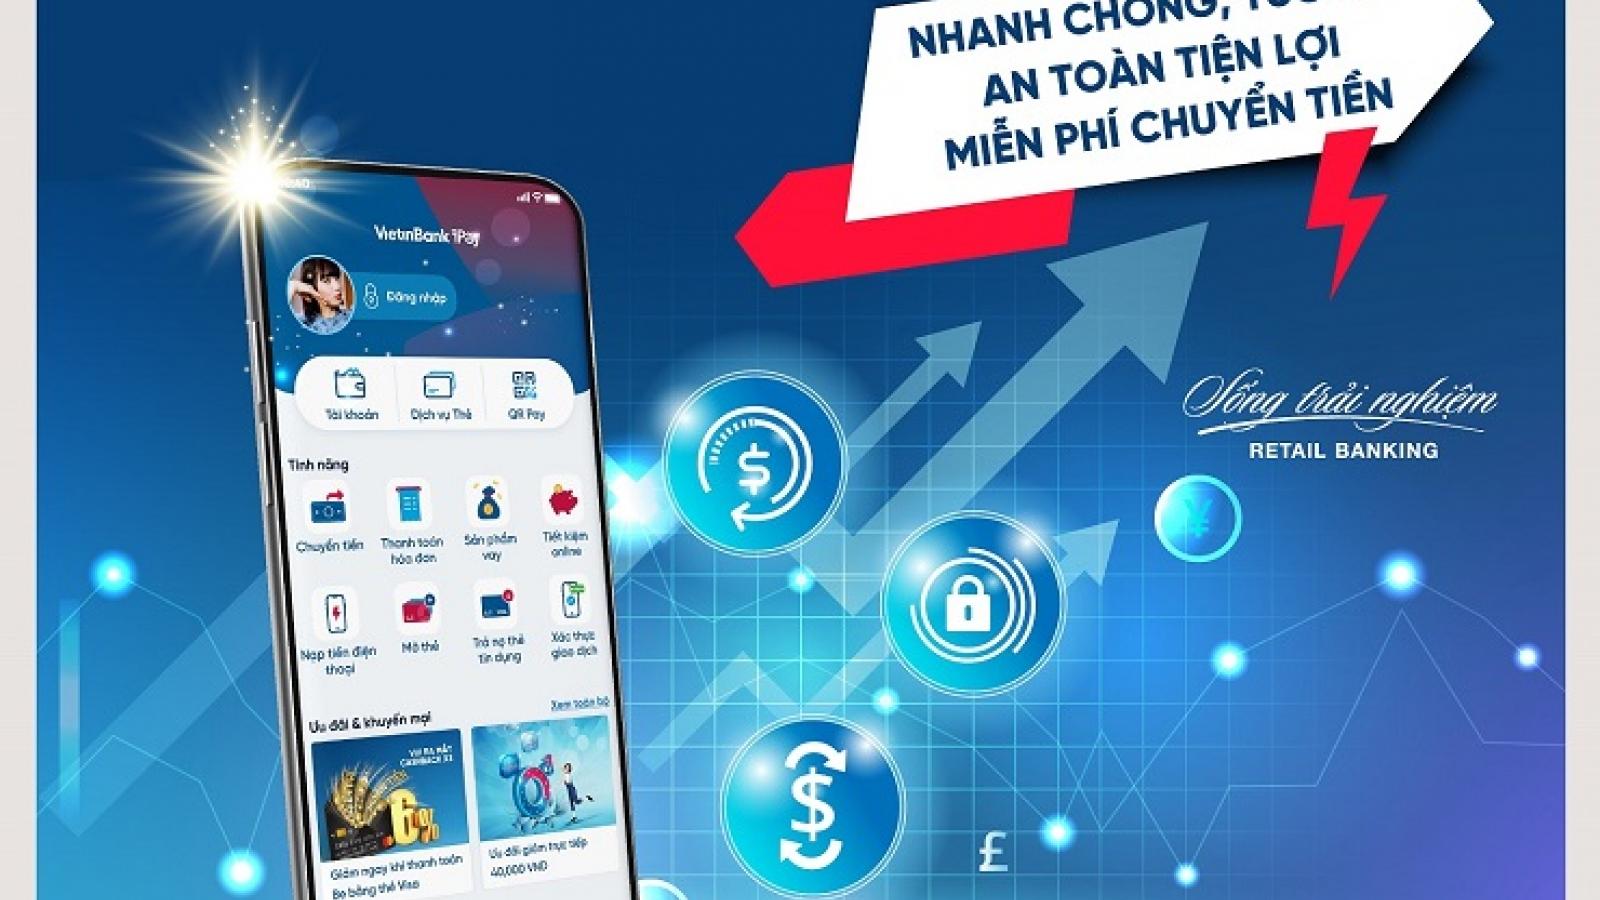 Chuyển tiền chứng khoán trên VietinBank iPay Mobile: Thanh toán tức thì, mọi lúc mọi nơi